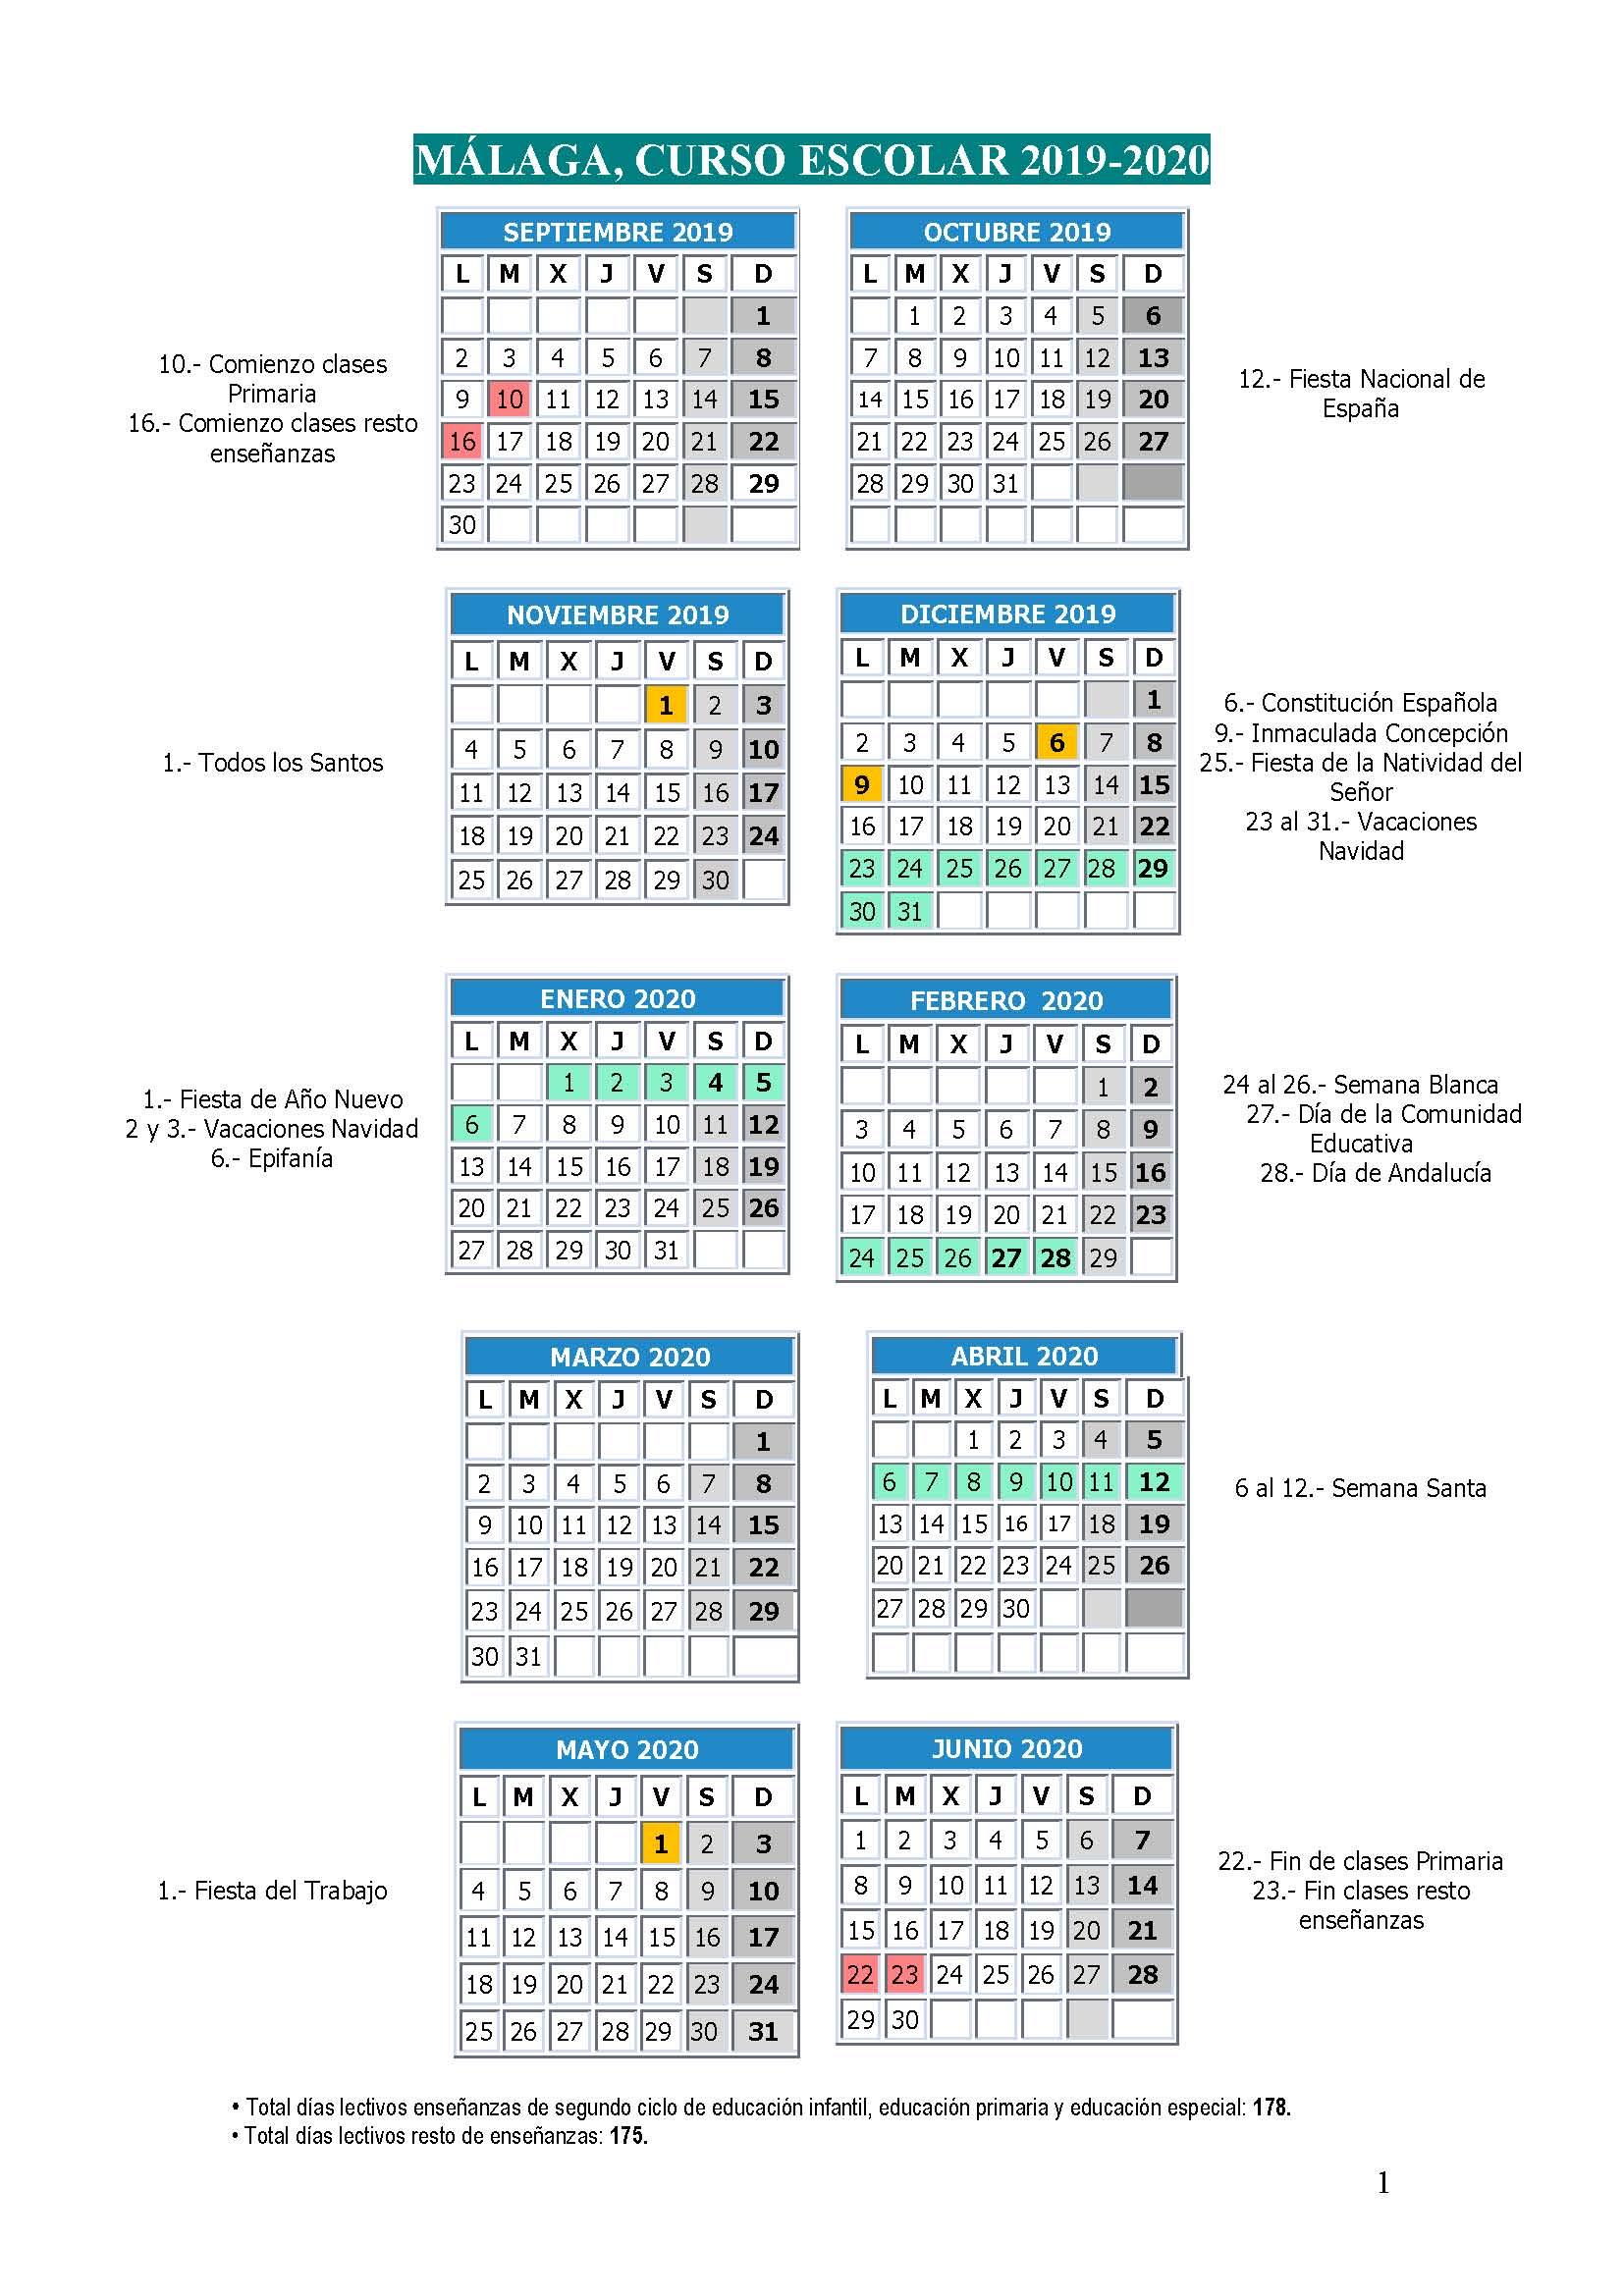 Imagen de la noticia: Calendario Escolar en Málaga para el curso 2019-2020 [Actualizado]